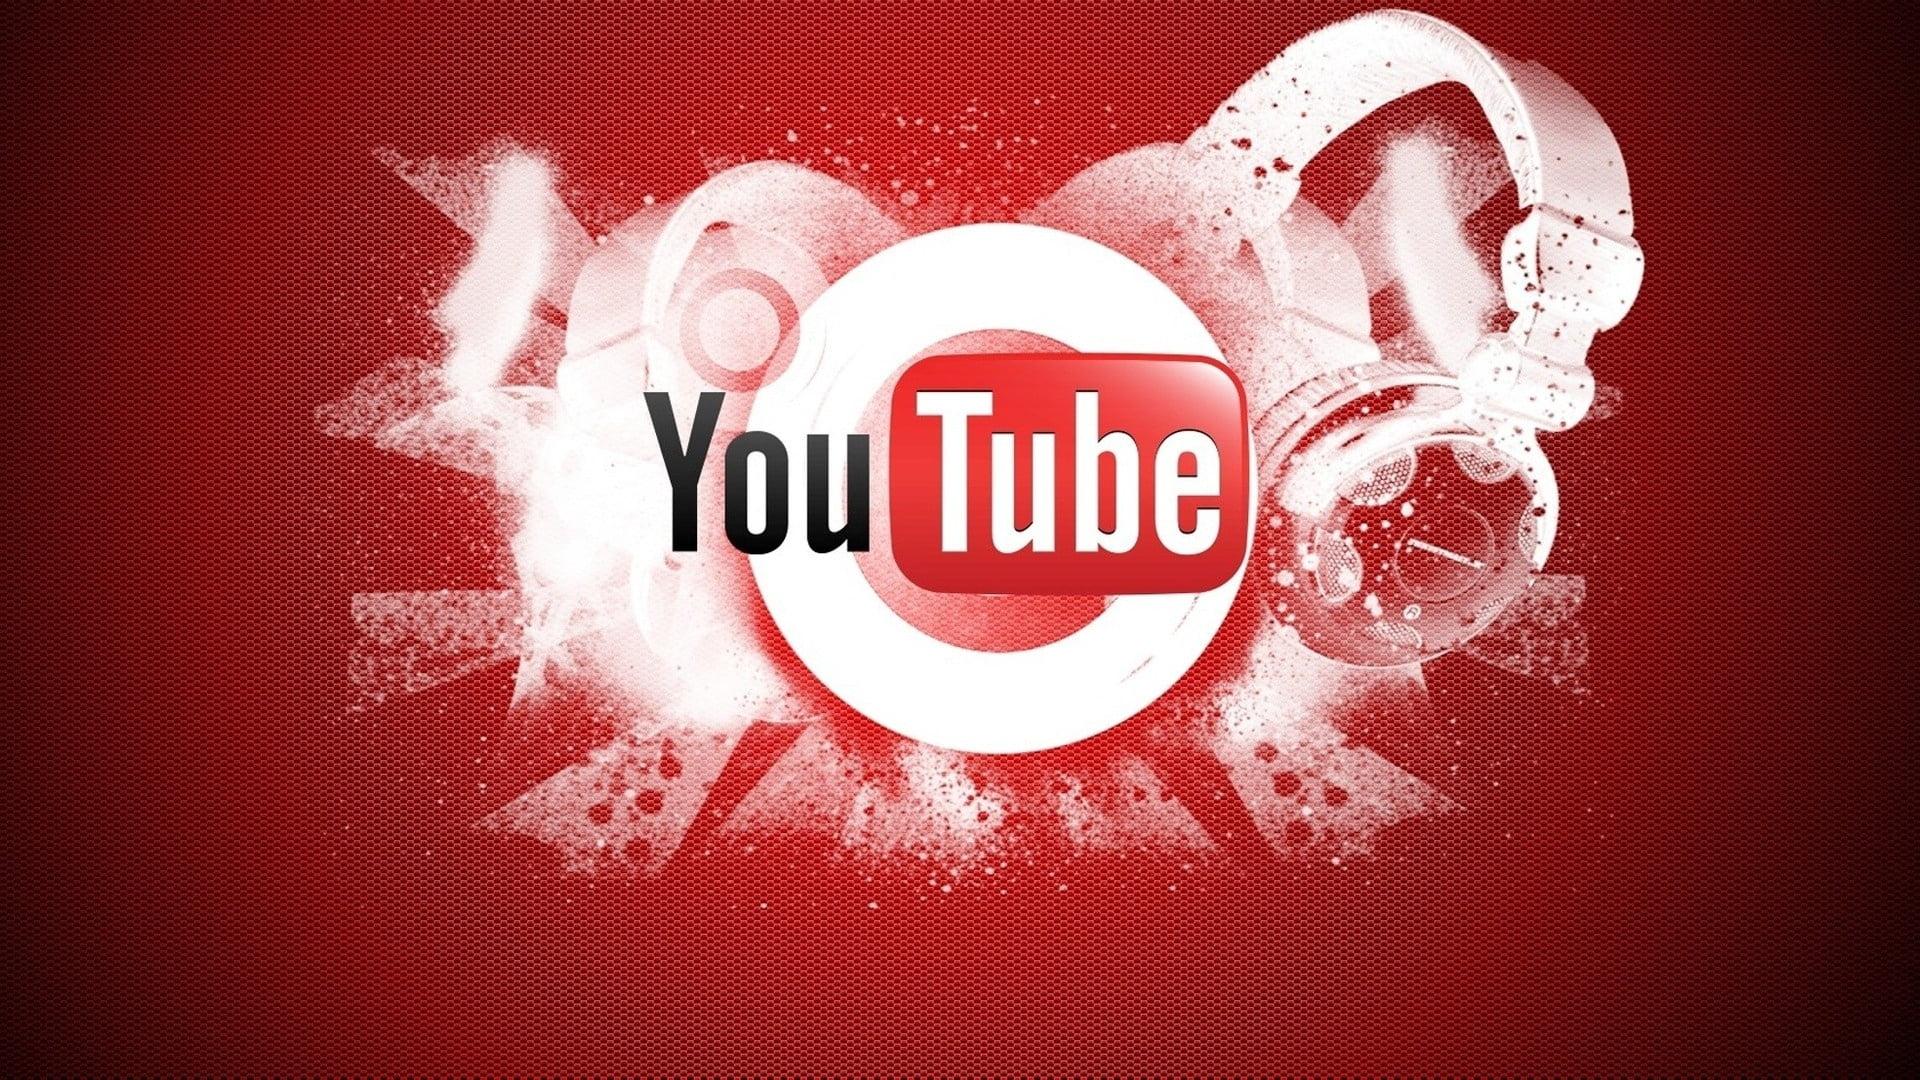 Por que o YouTube recomenda vídeos de teoria da conspiração?